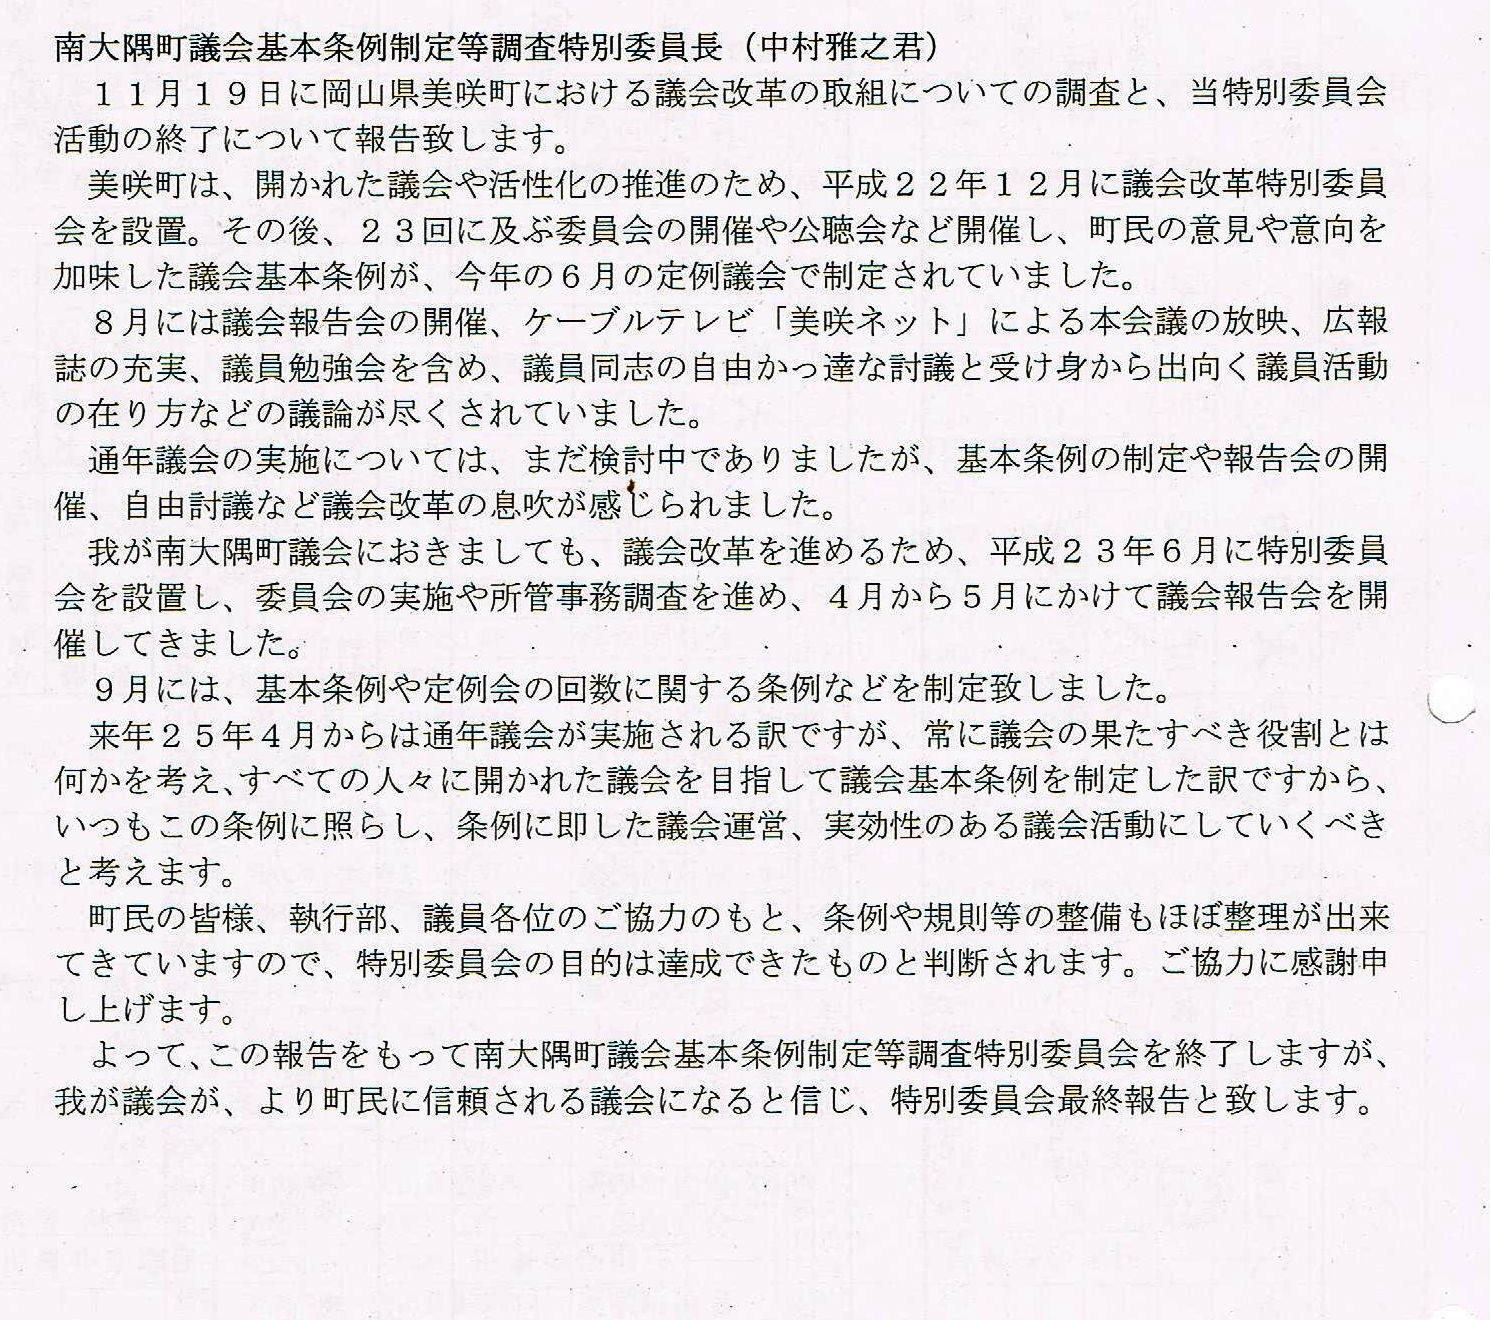 http://hunter-investigate.jp/news/0f227e834e04e104e4f5bbcc8e317a611d1e4bb6.jpg